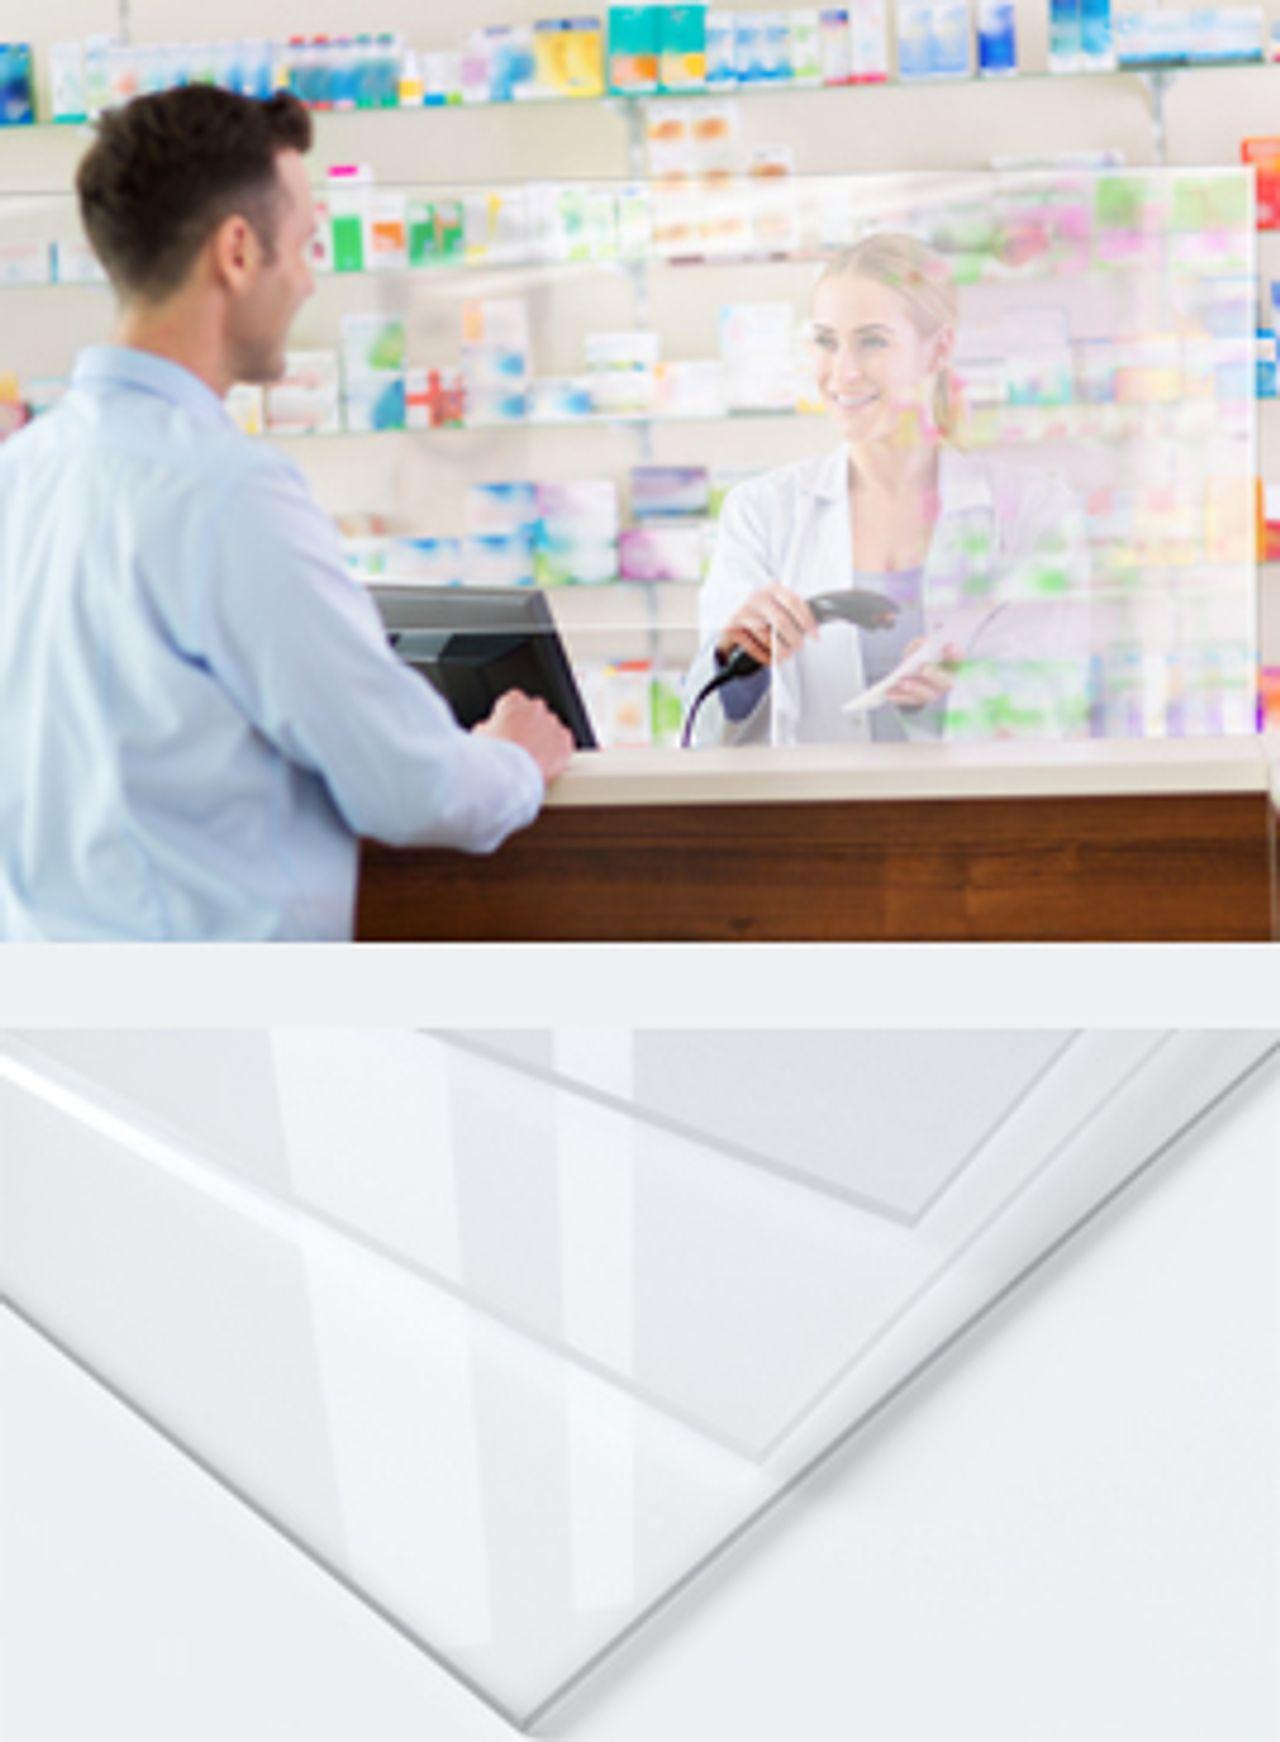 transparente Kunststoffplatten als Schutzmaßnahme